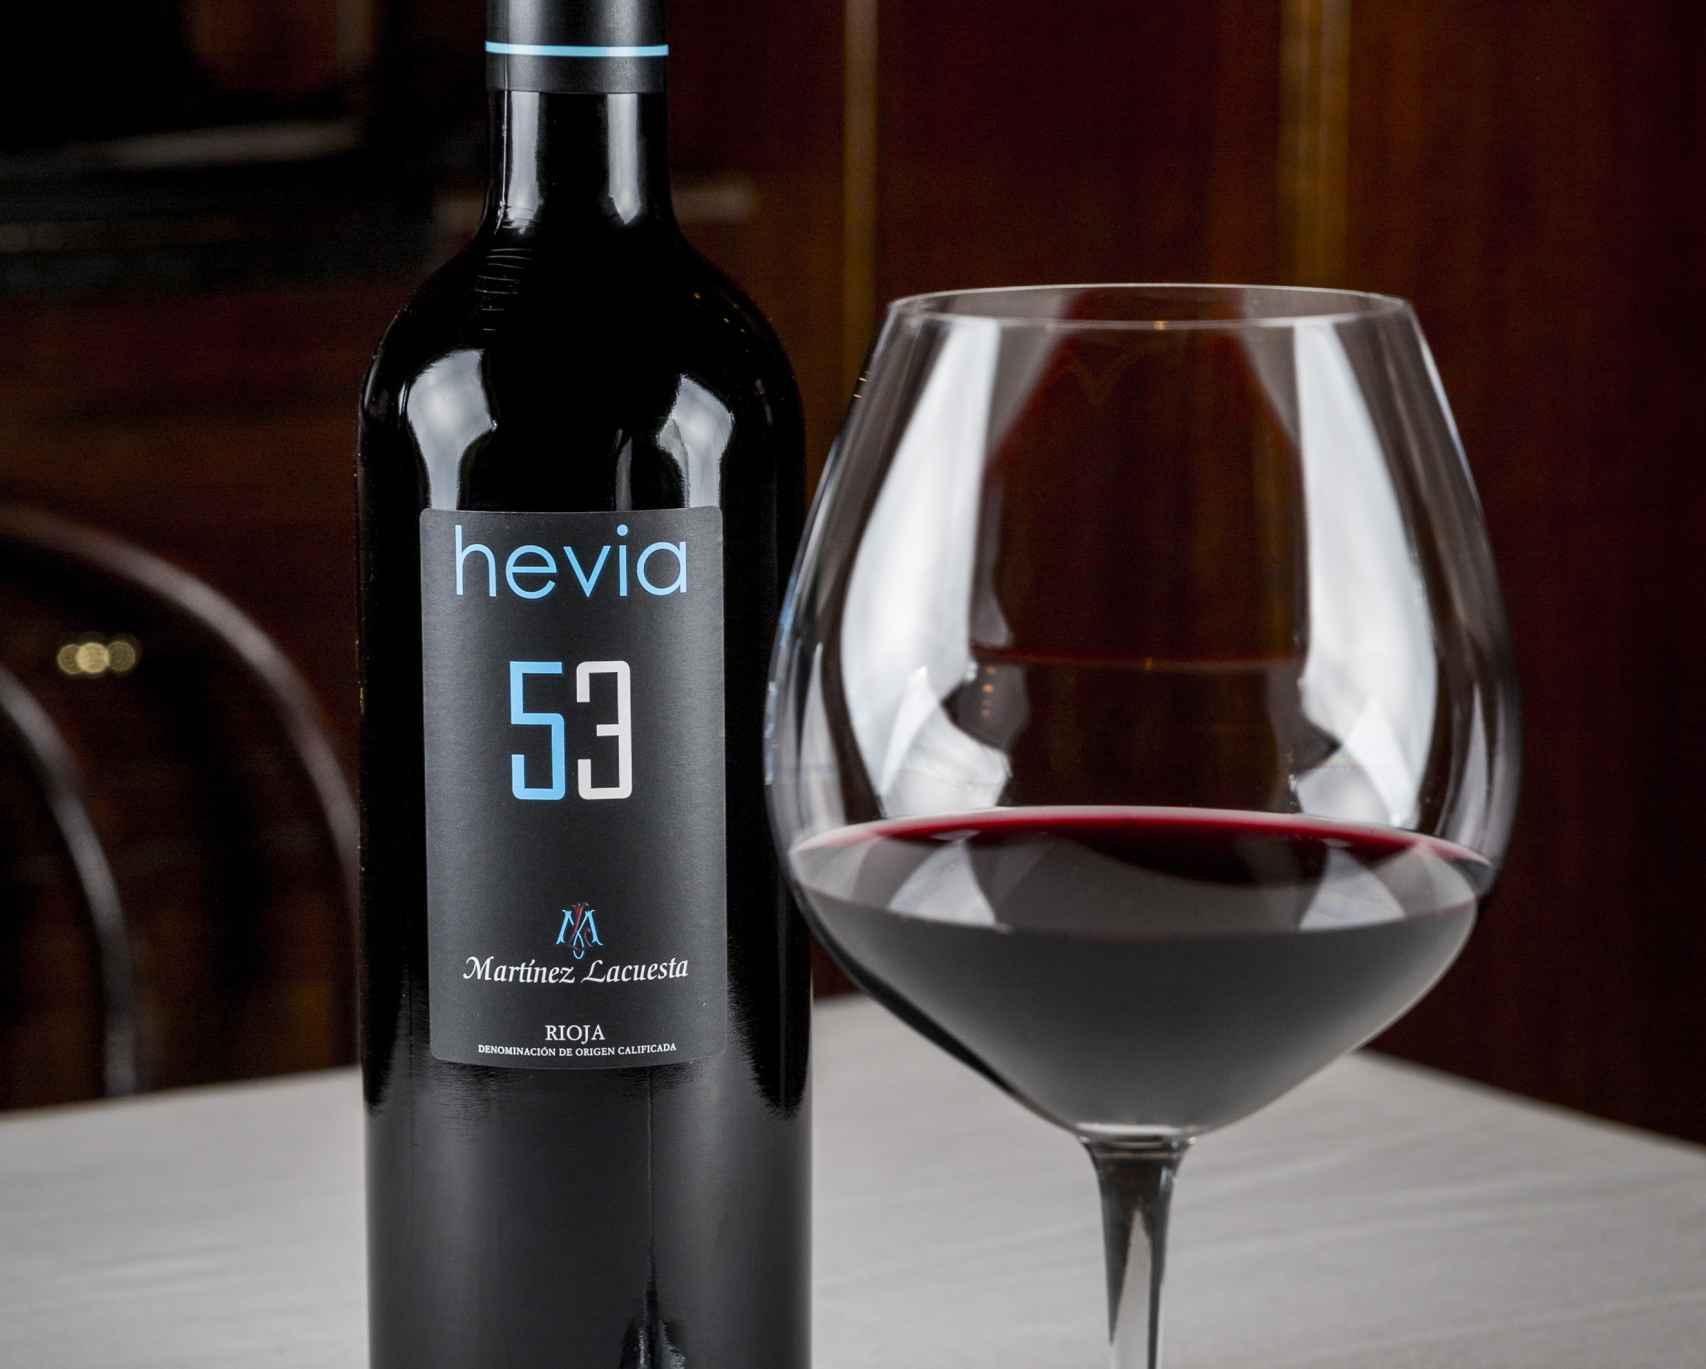 El vino de la casa del restaurante Hevia, elaborado por Martínez Lacuesta.